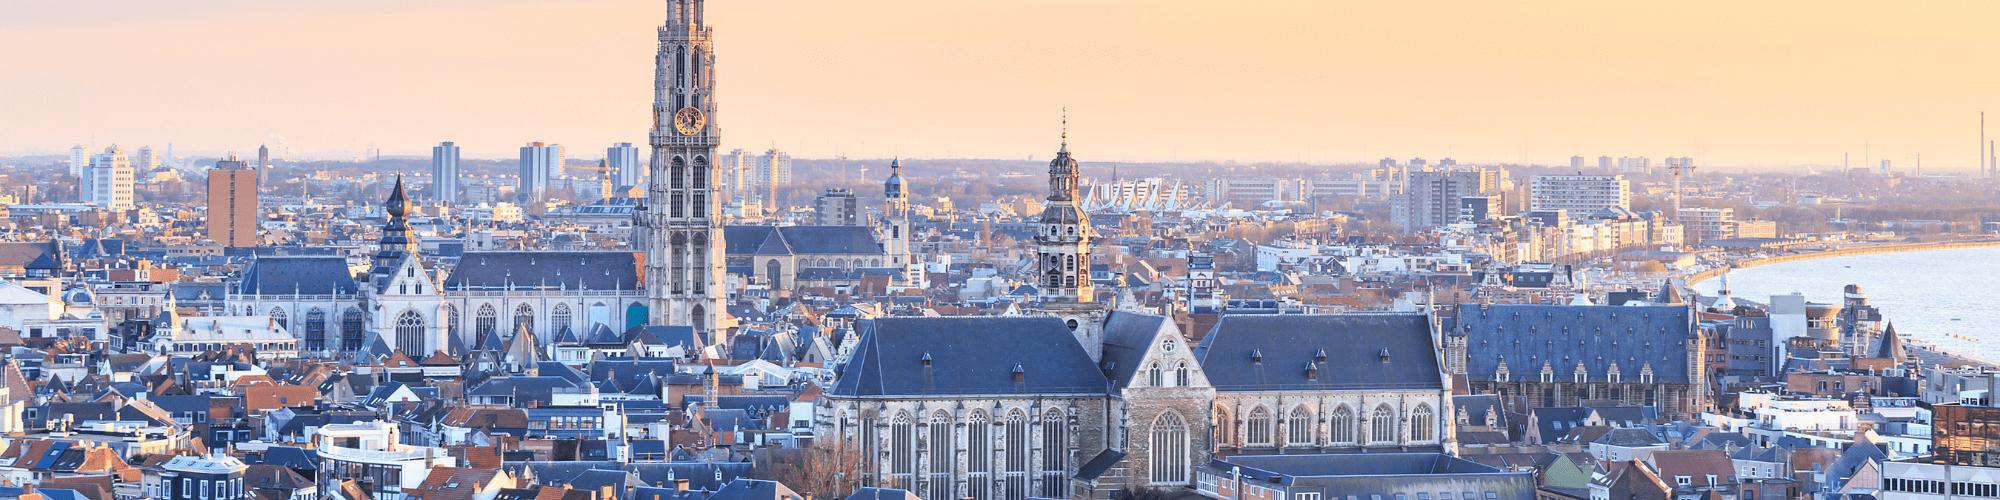 Asendia Belgium landscape header